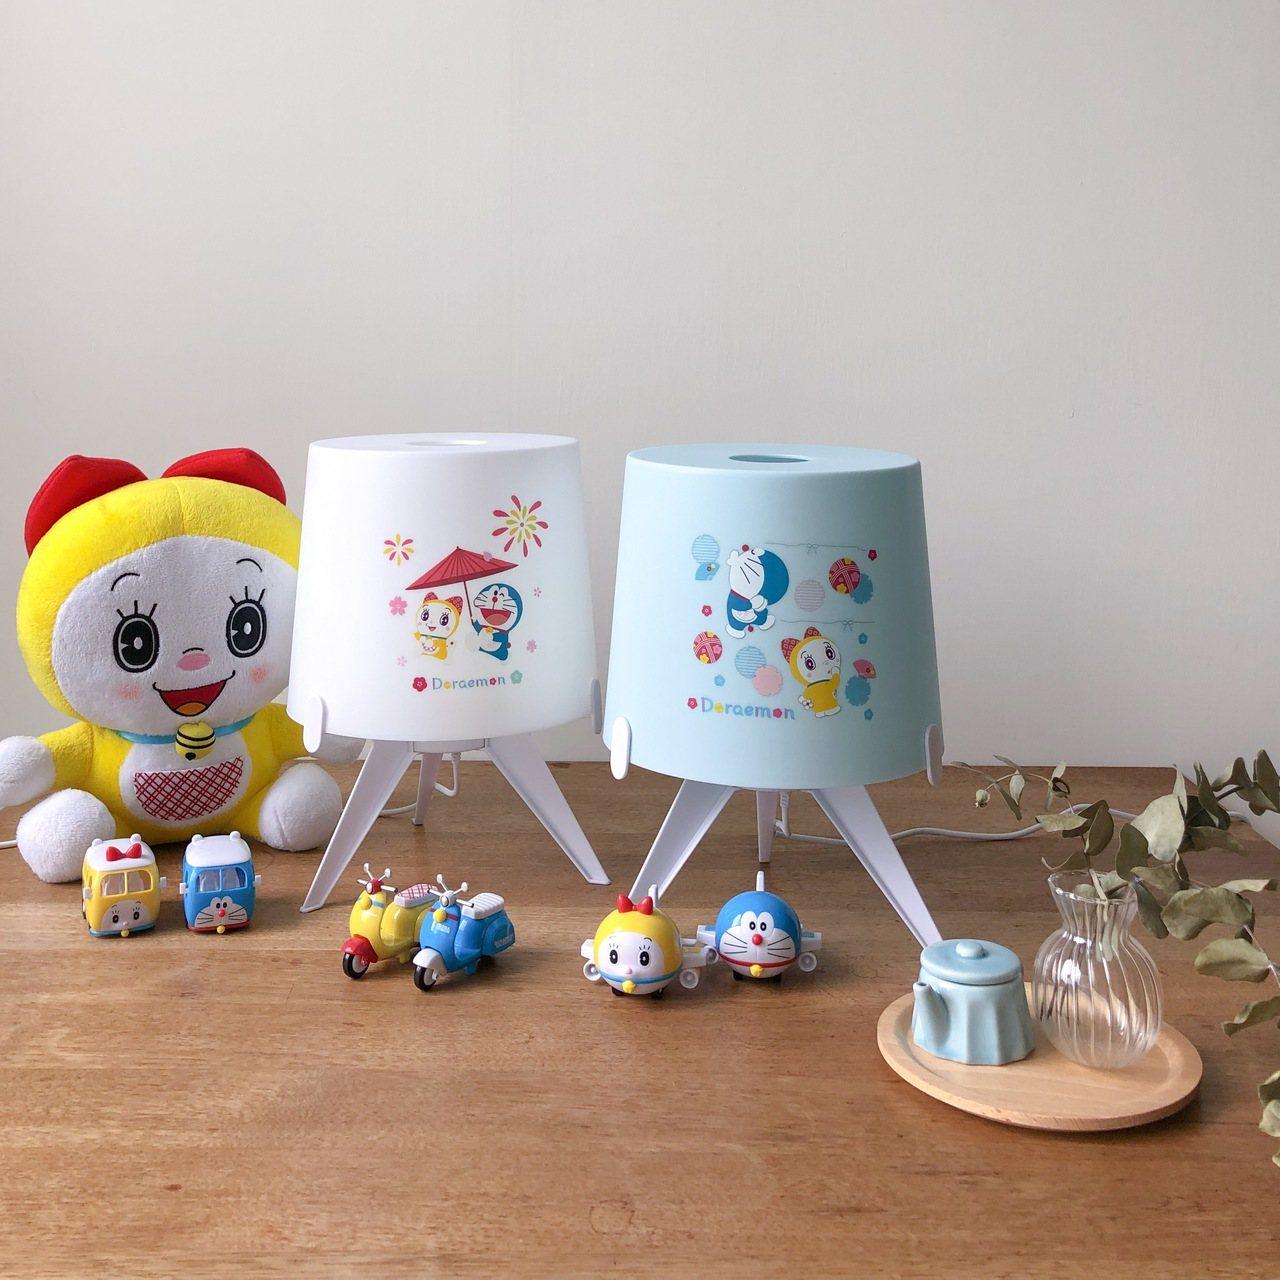 7-ELEVEN第二波「哆啦A夢神奇道具」集點將於9月11日開跑,限量和風檯燈集...